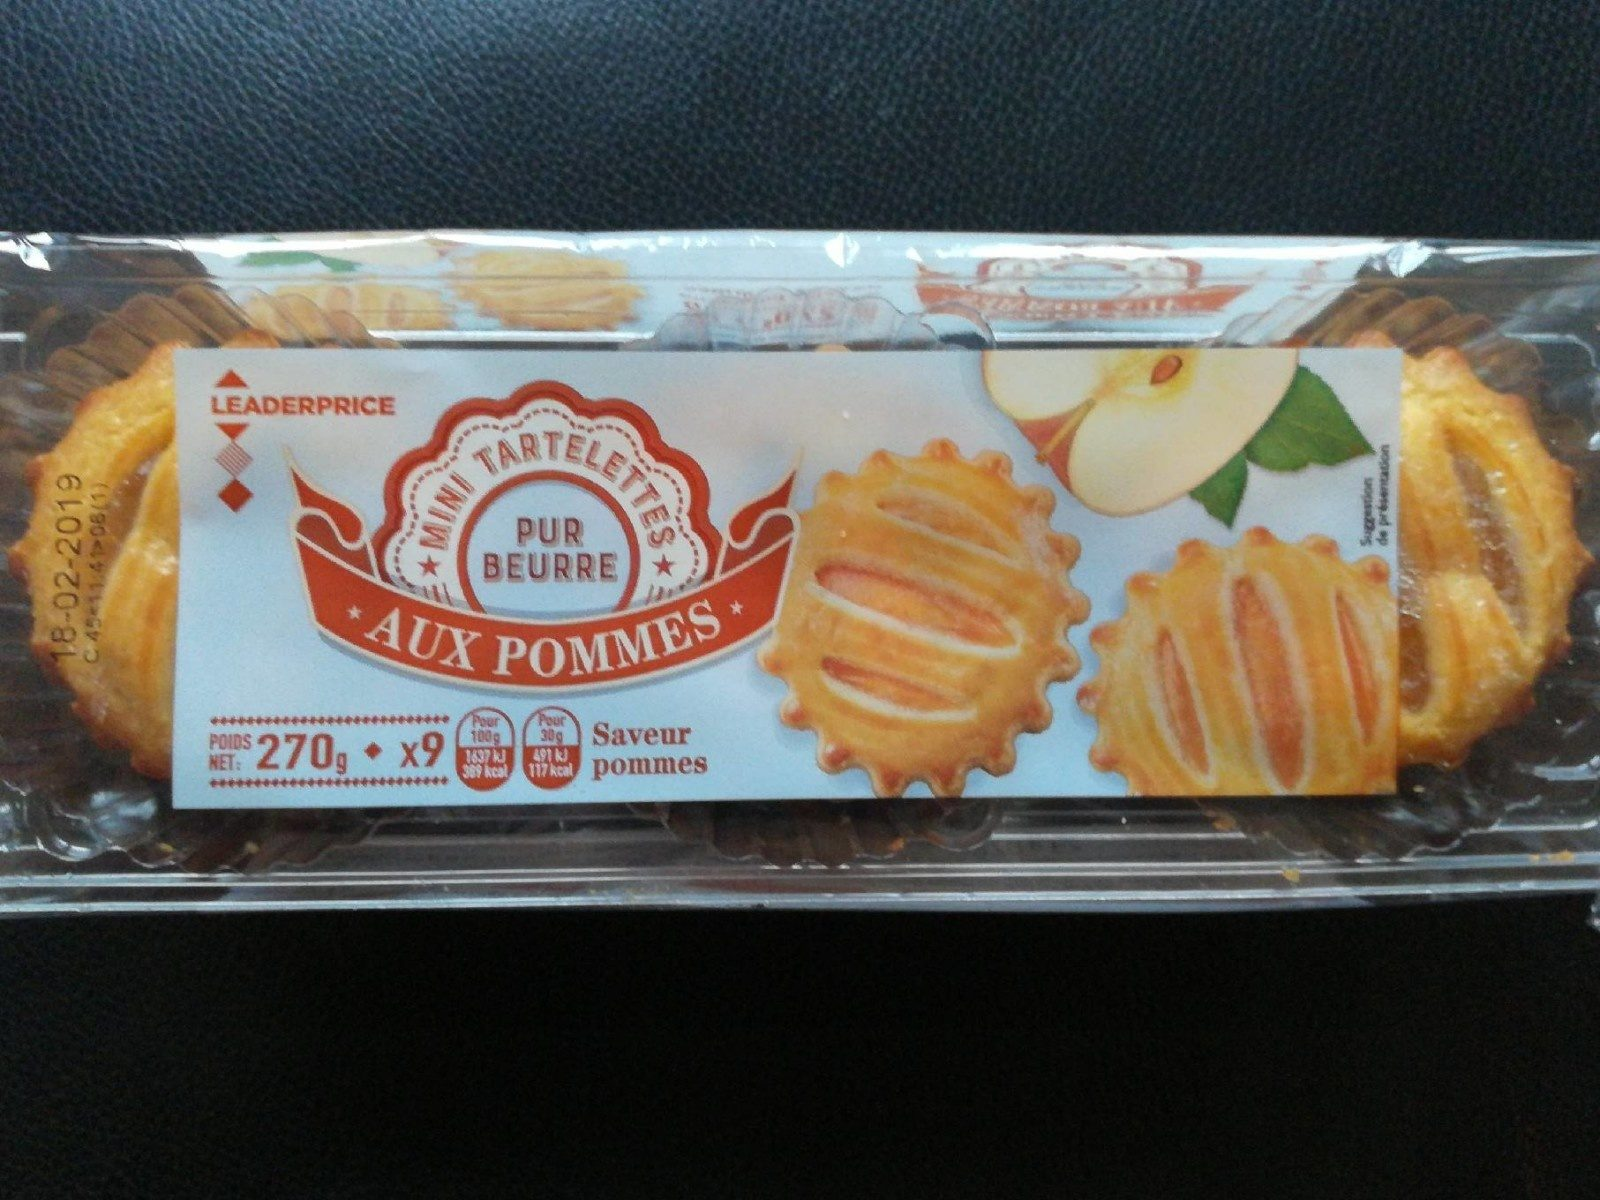 Mini tartelettes aux pommes - Product - fr